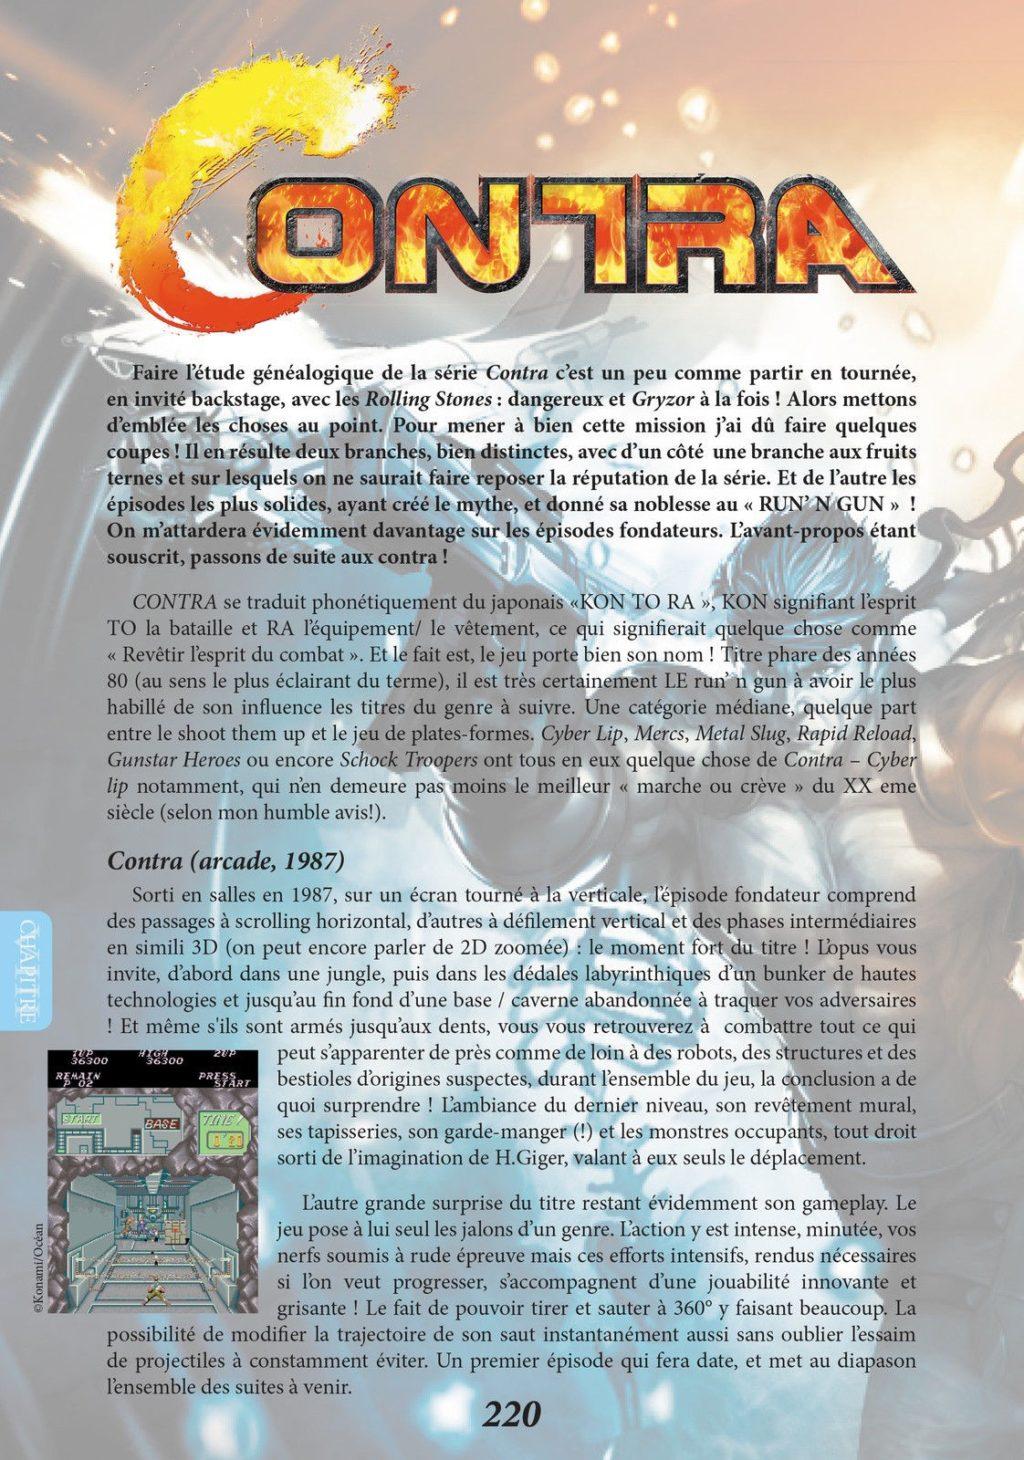 Games history – histoire du jeu de plateformes : Contra